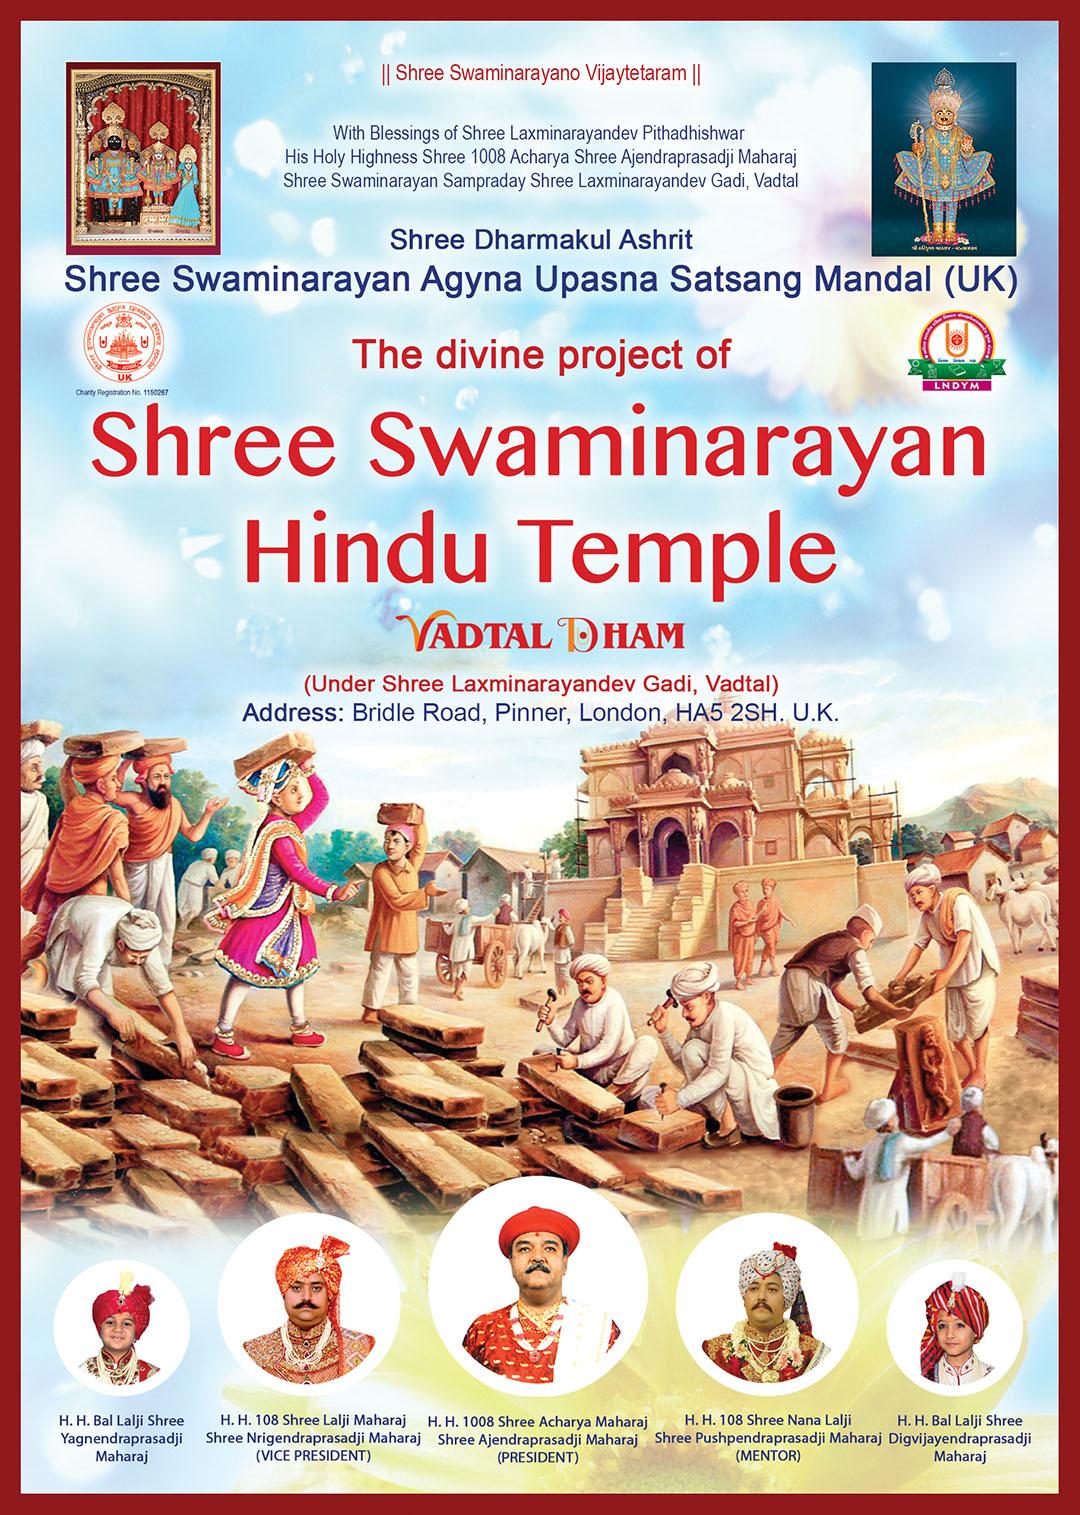 Shree Swaminarayan Hindu Temple, London, UK